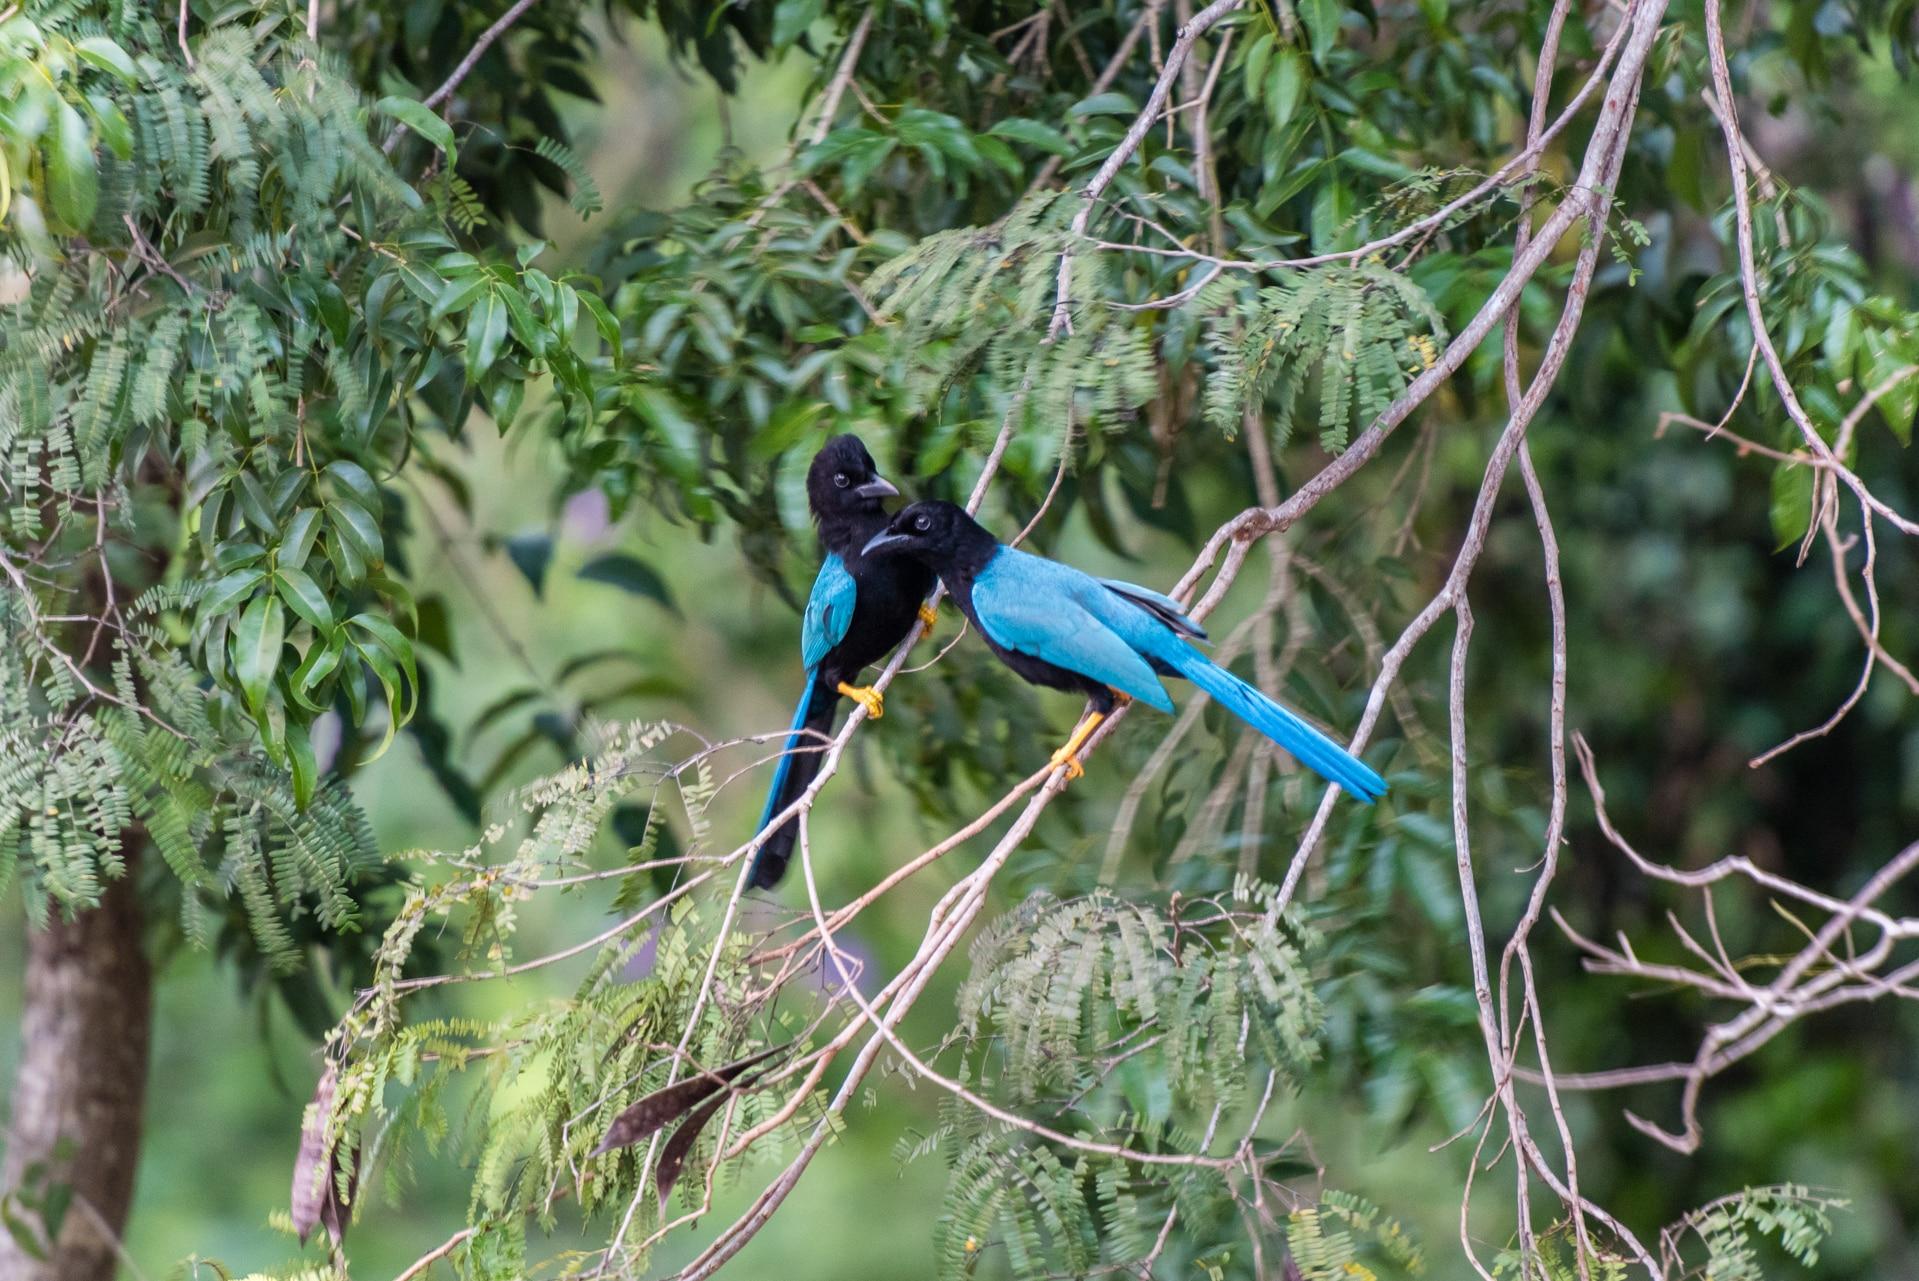 Vögel auf der Yucatán-Halbinsel - Biodiversität von Mexiko